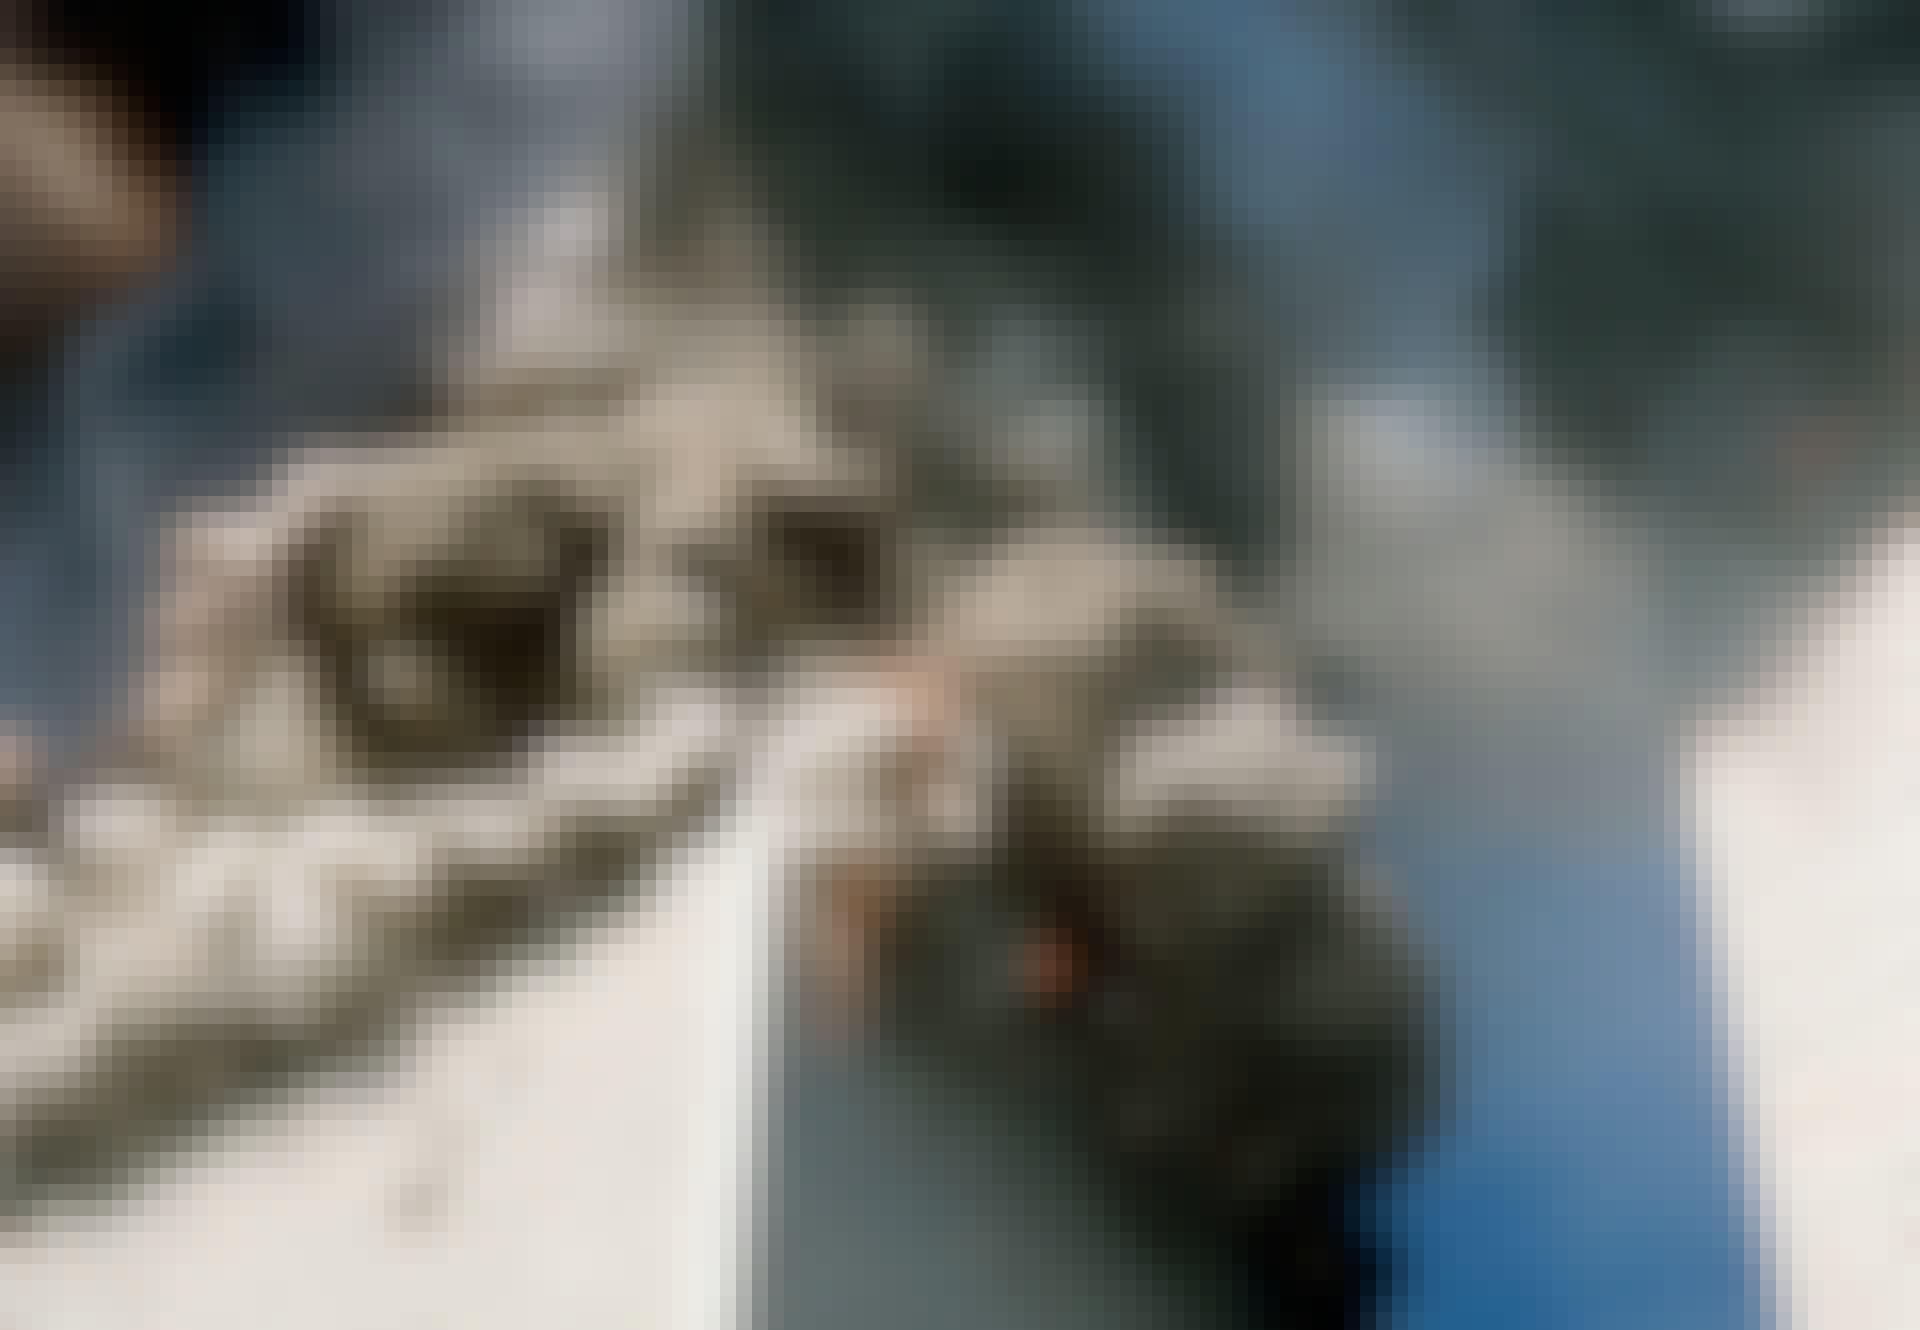 Etelätornin romahdus